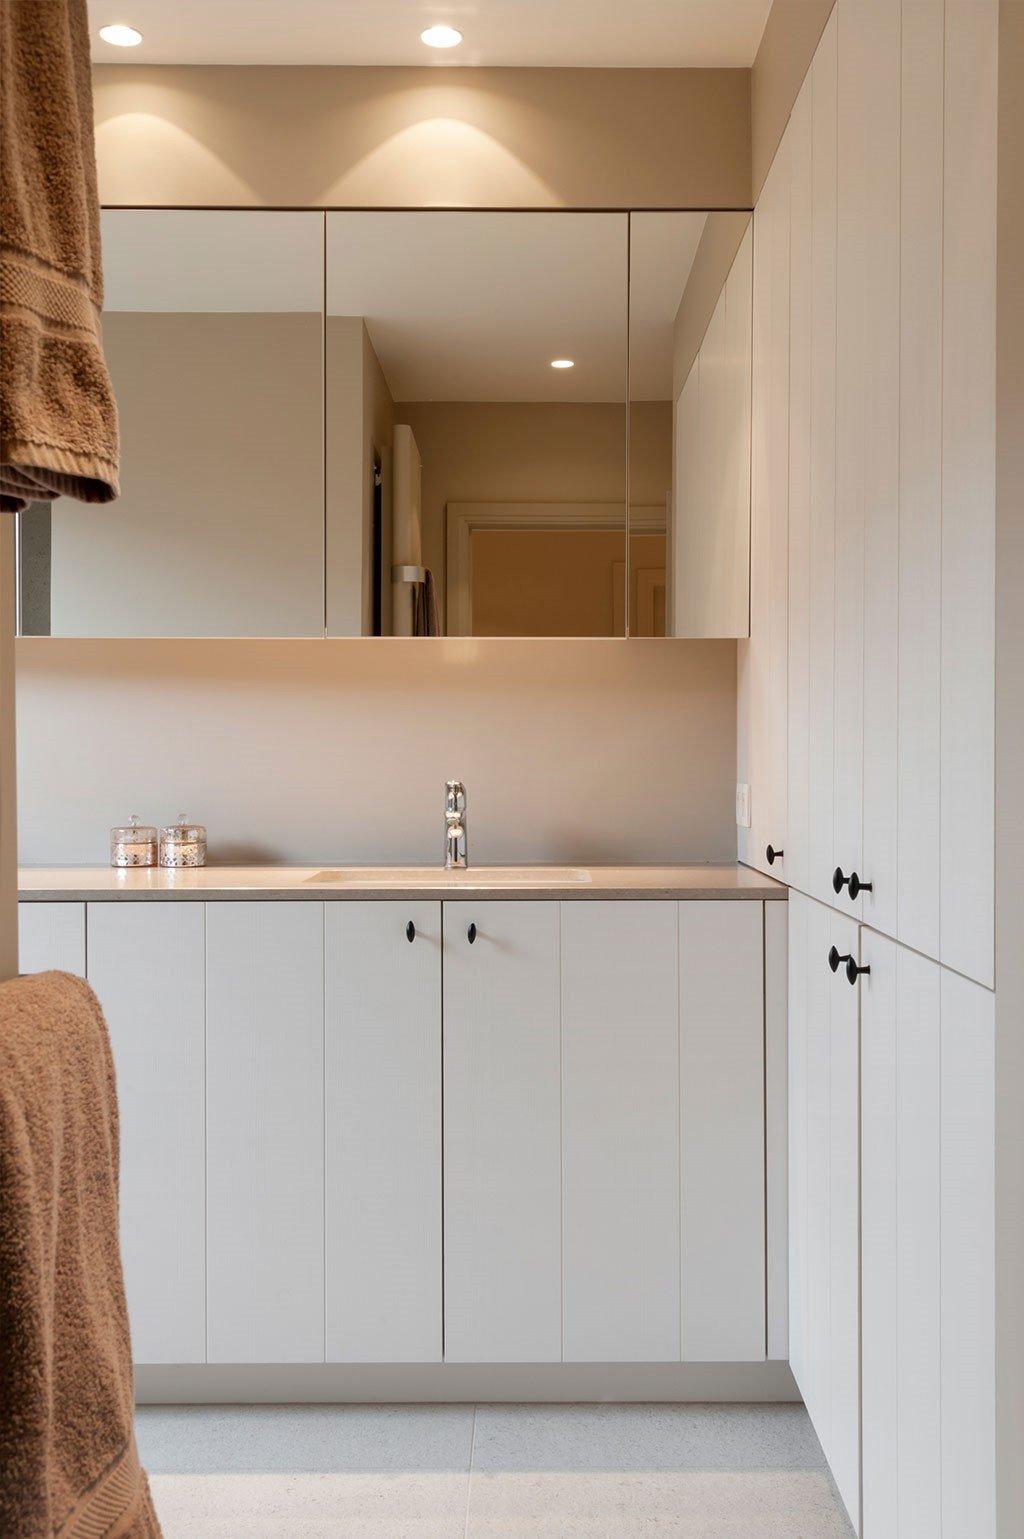 Totaalinrichting-badkamer-landelijk-Boezinge-1.jpg